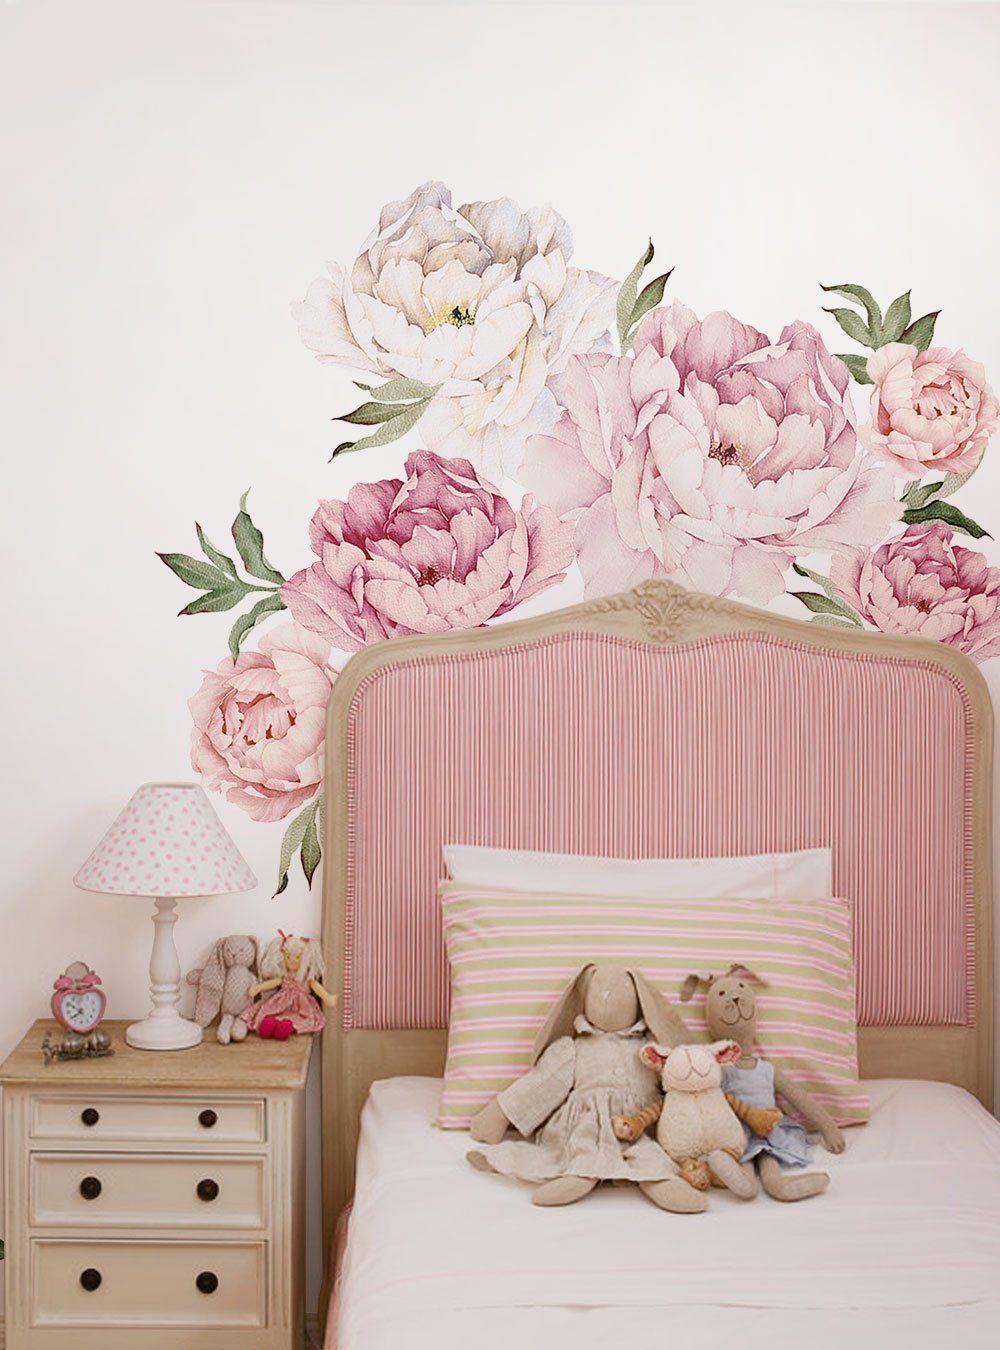 Peony Flower Wall Stickers | beauty in 2019 | Flower wall ...